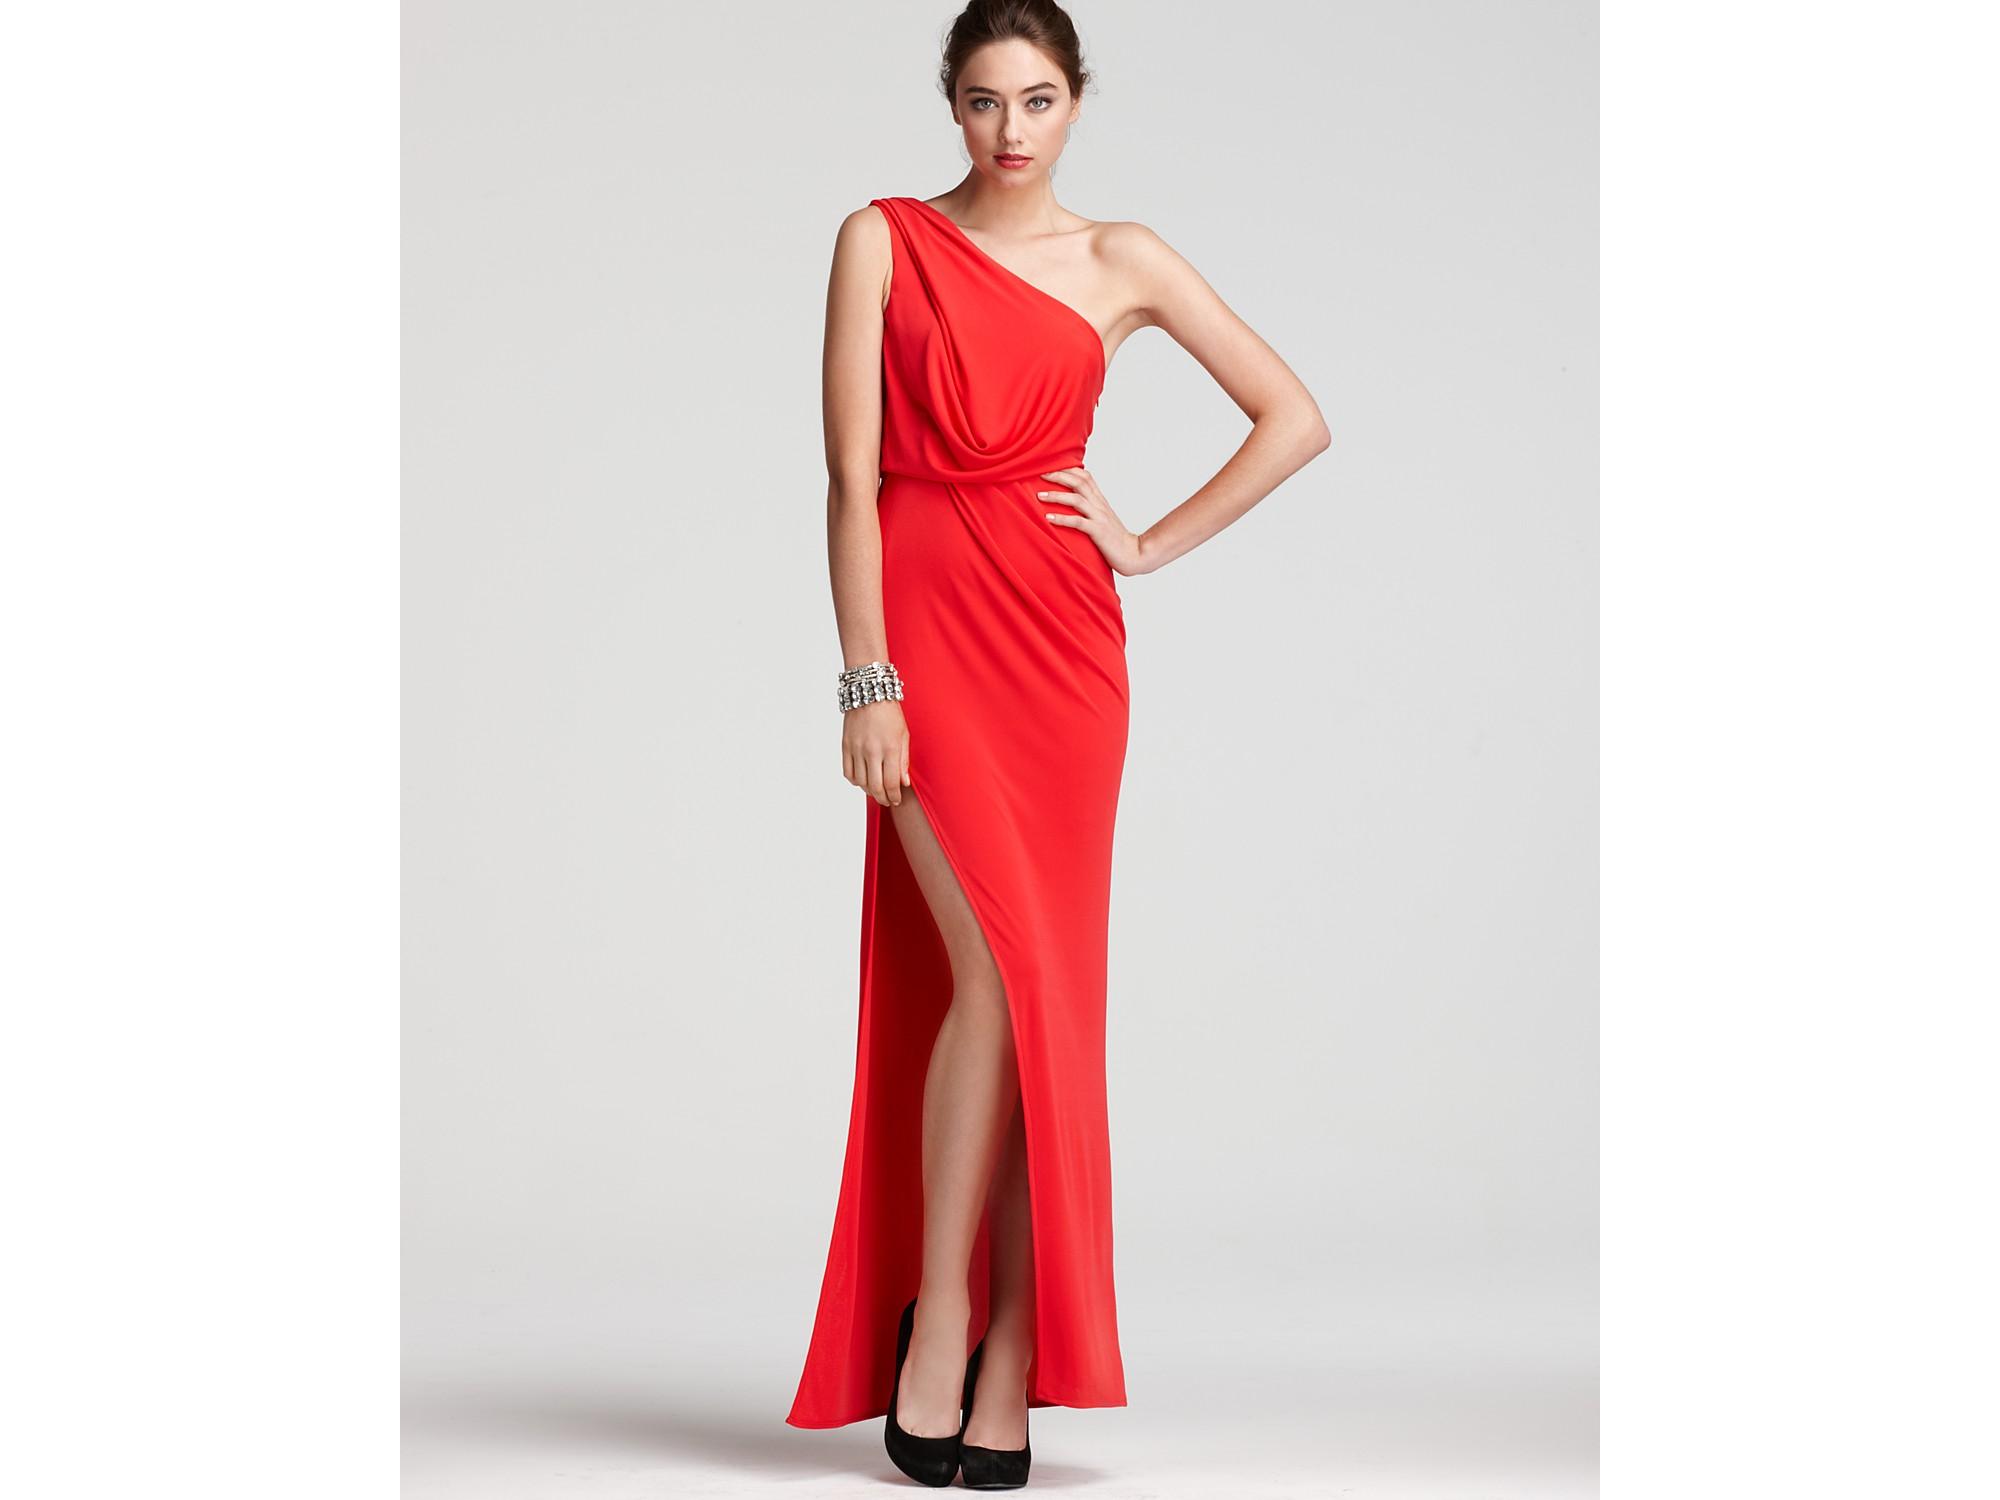 Lyst - Bcbgmaxazria Gown One Shoulder Grecian in Red